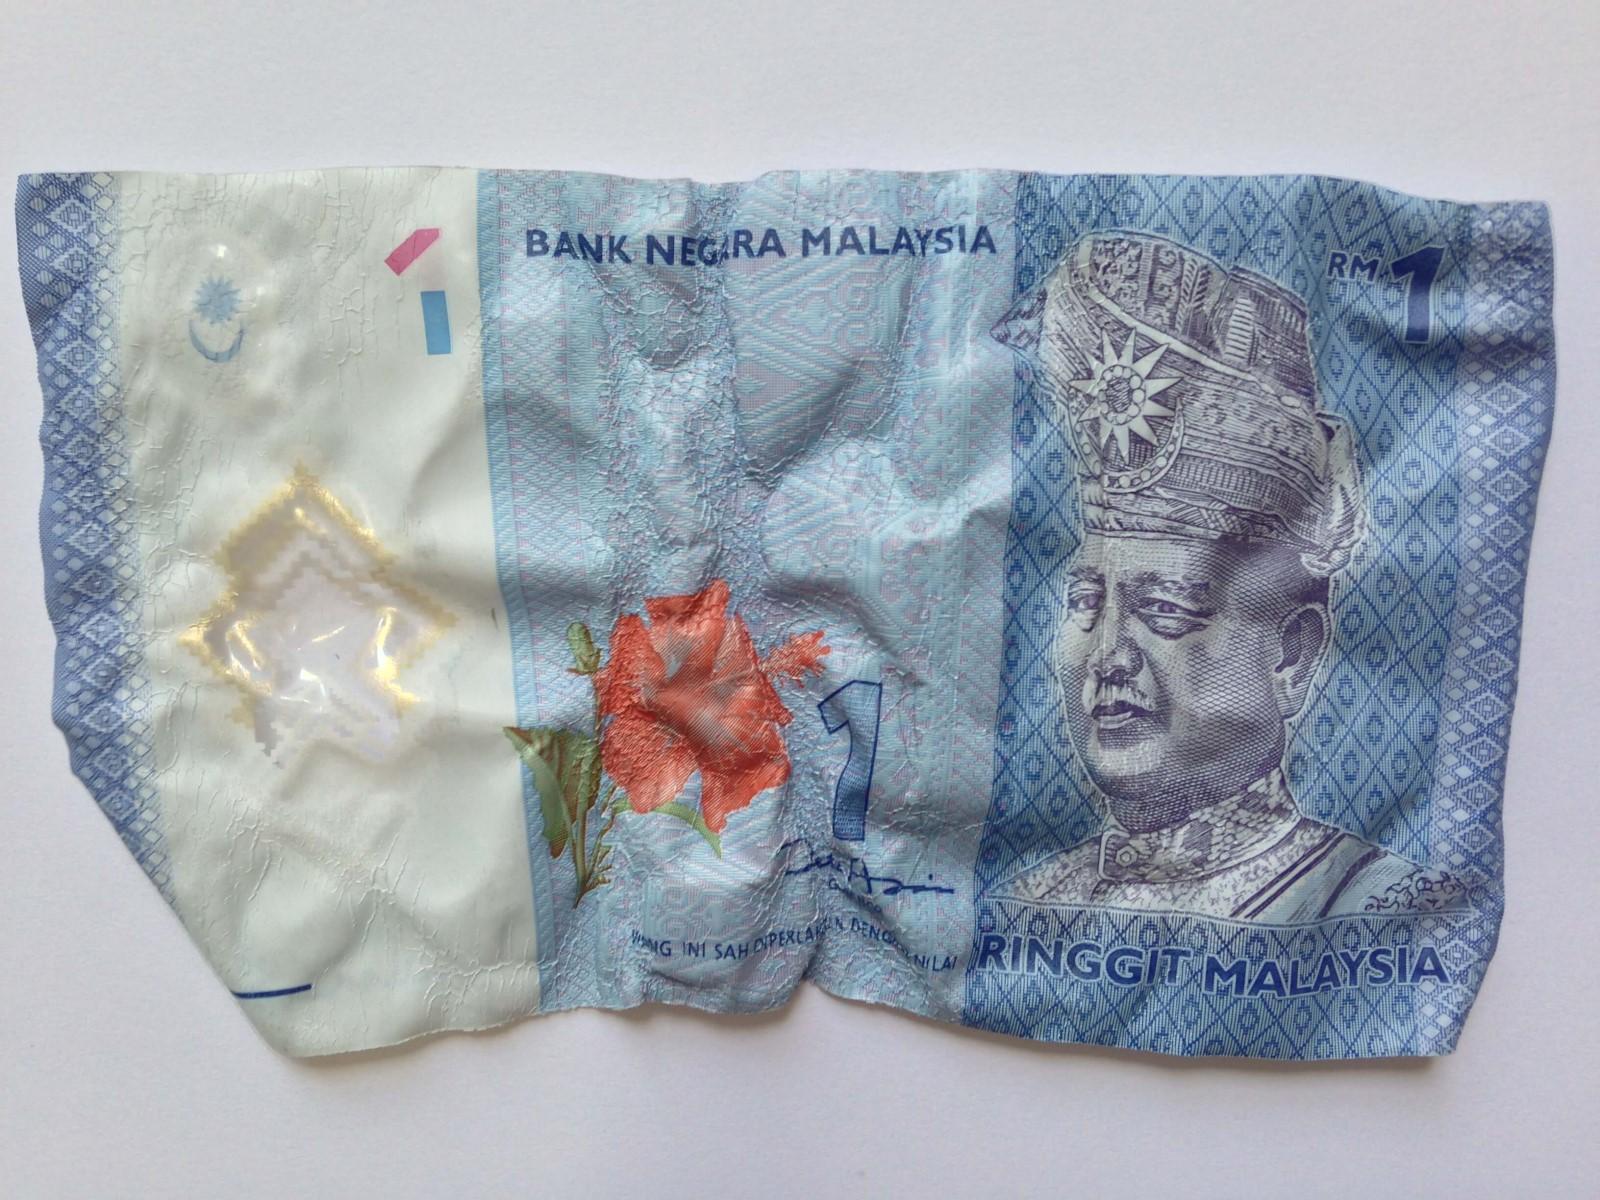 Malaysia Ringgit - Bank Negara Malaysia